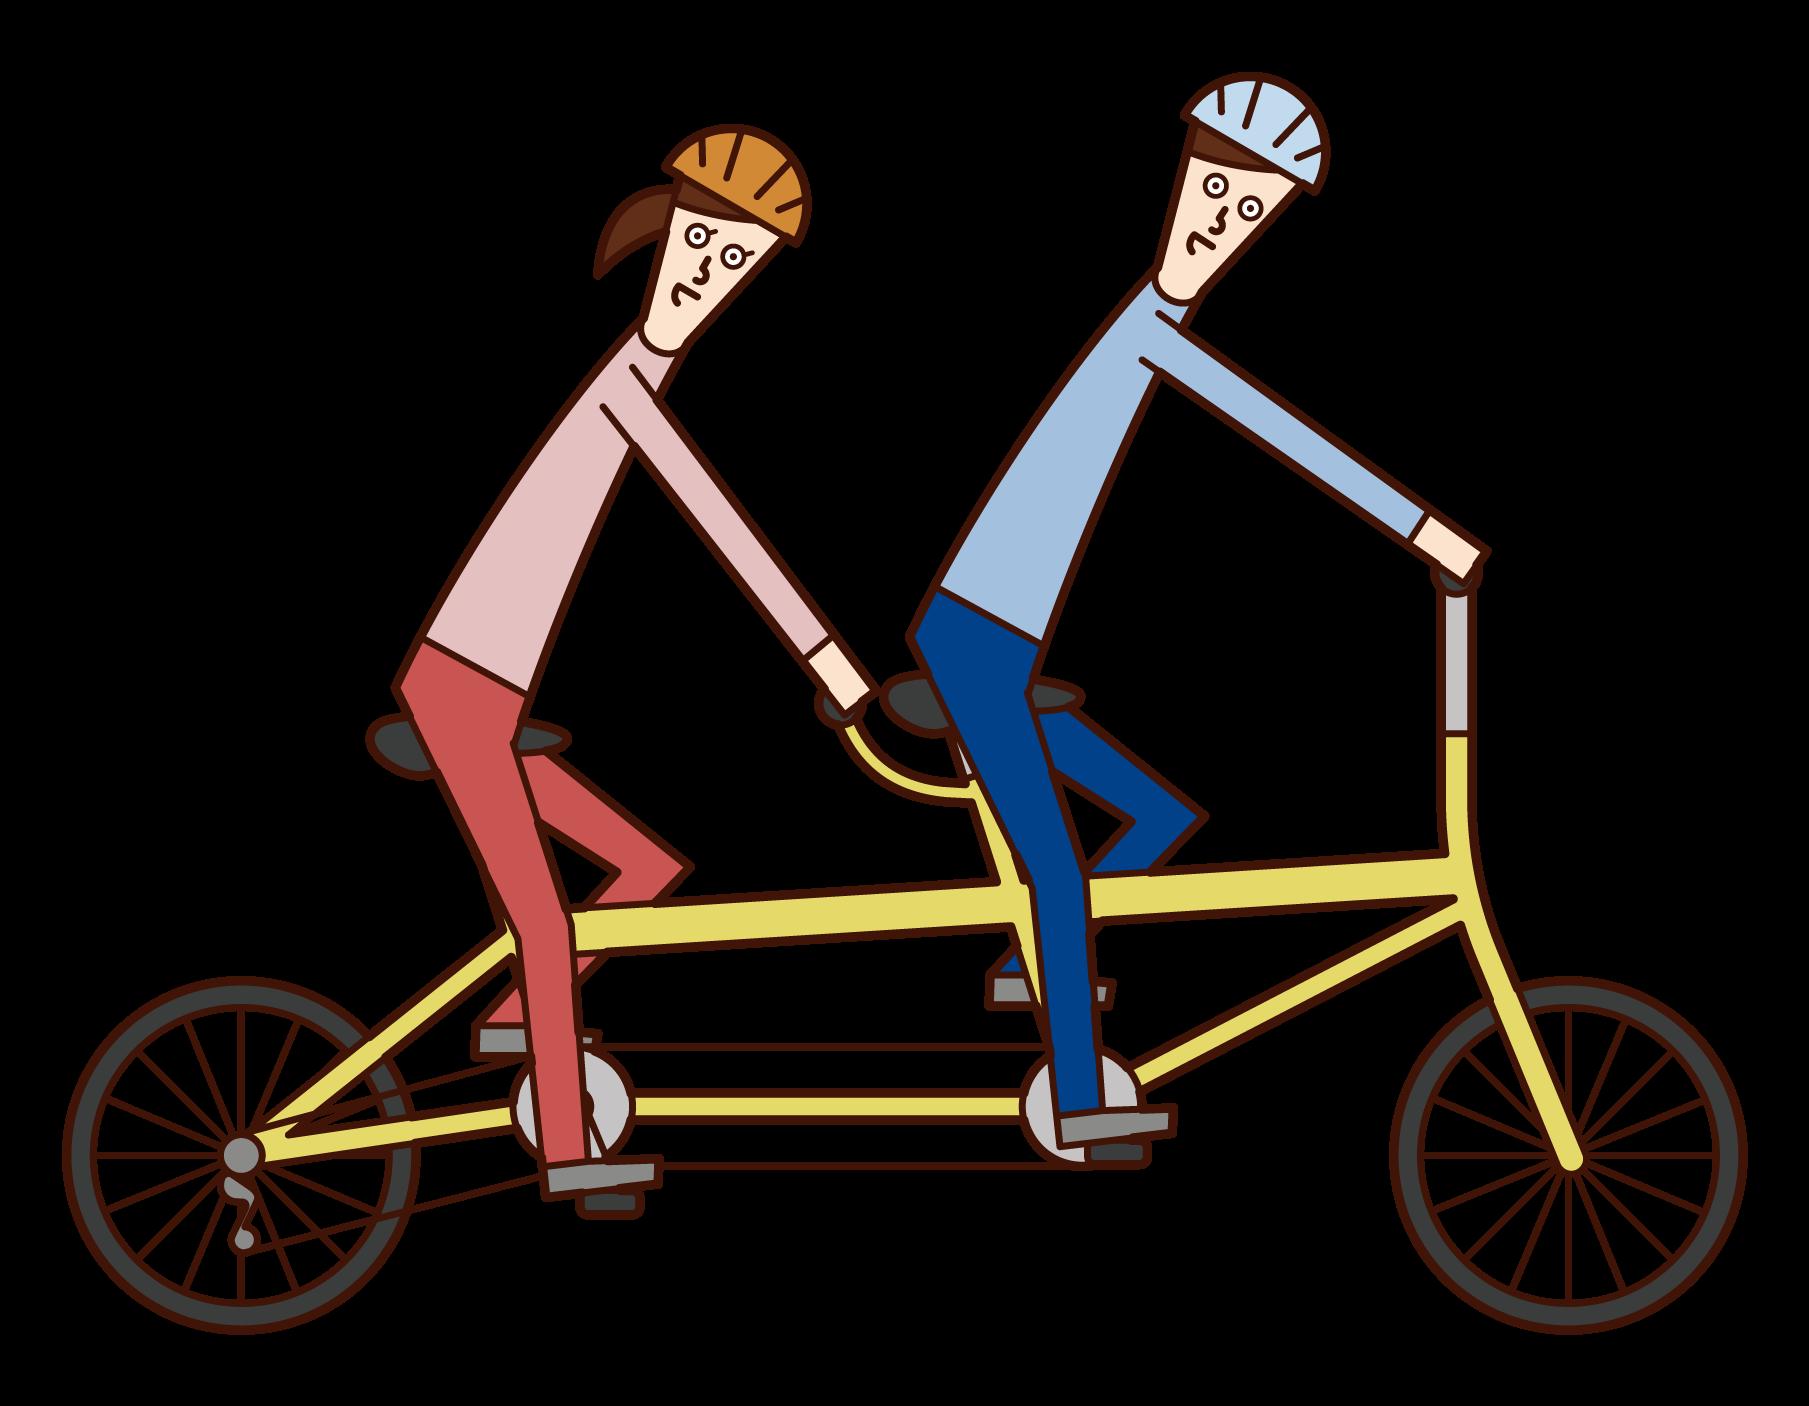 탠덤 자전거의 일러스트레이션